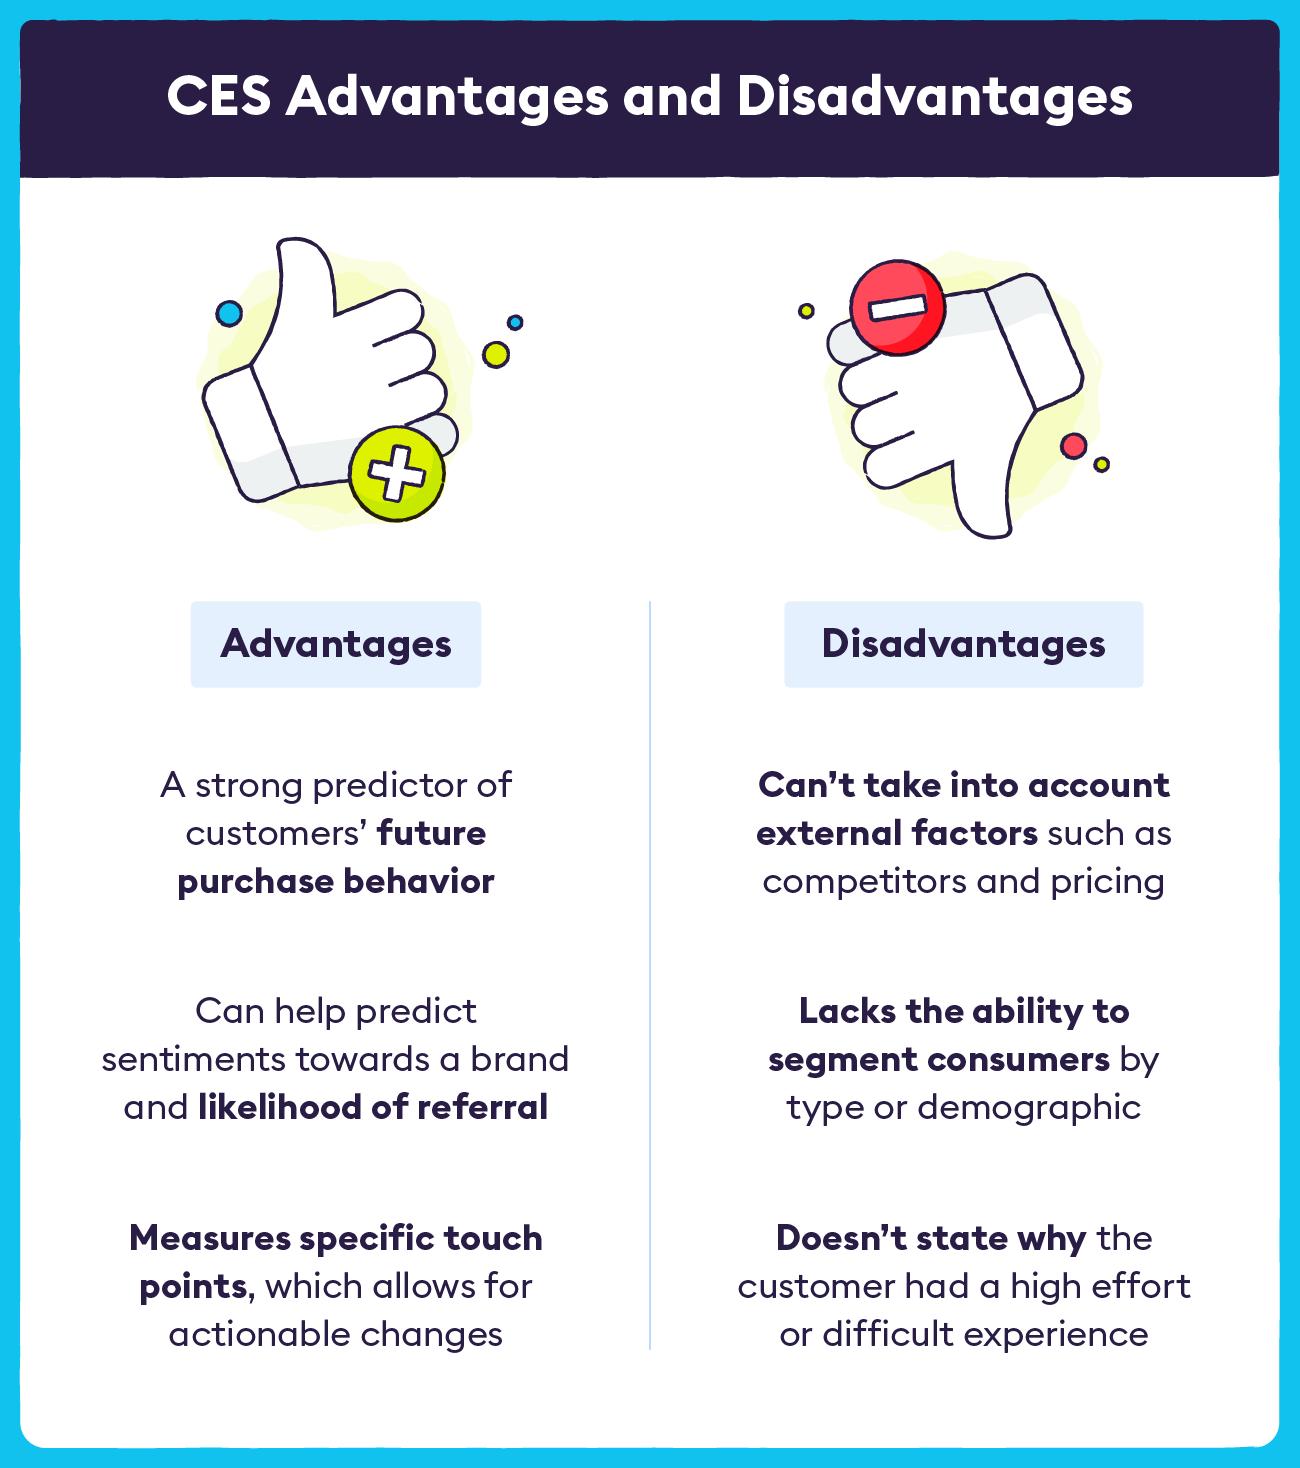 CES Advantages and Disadvantages